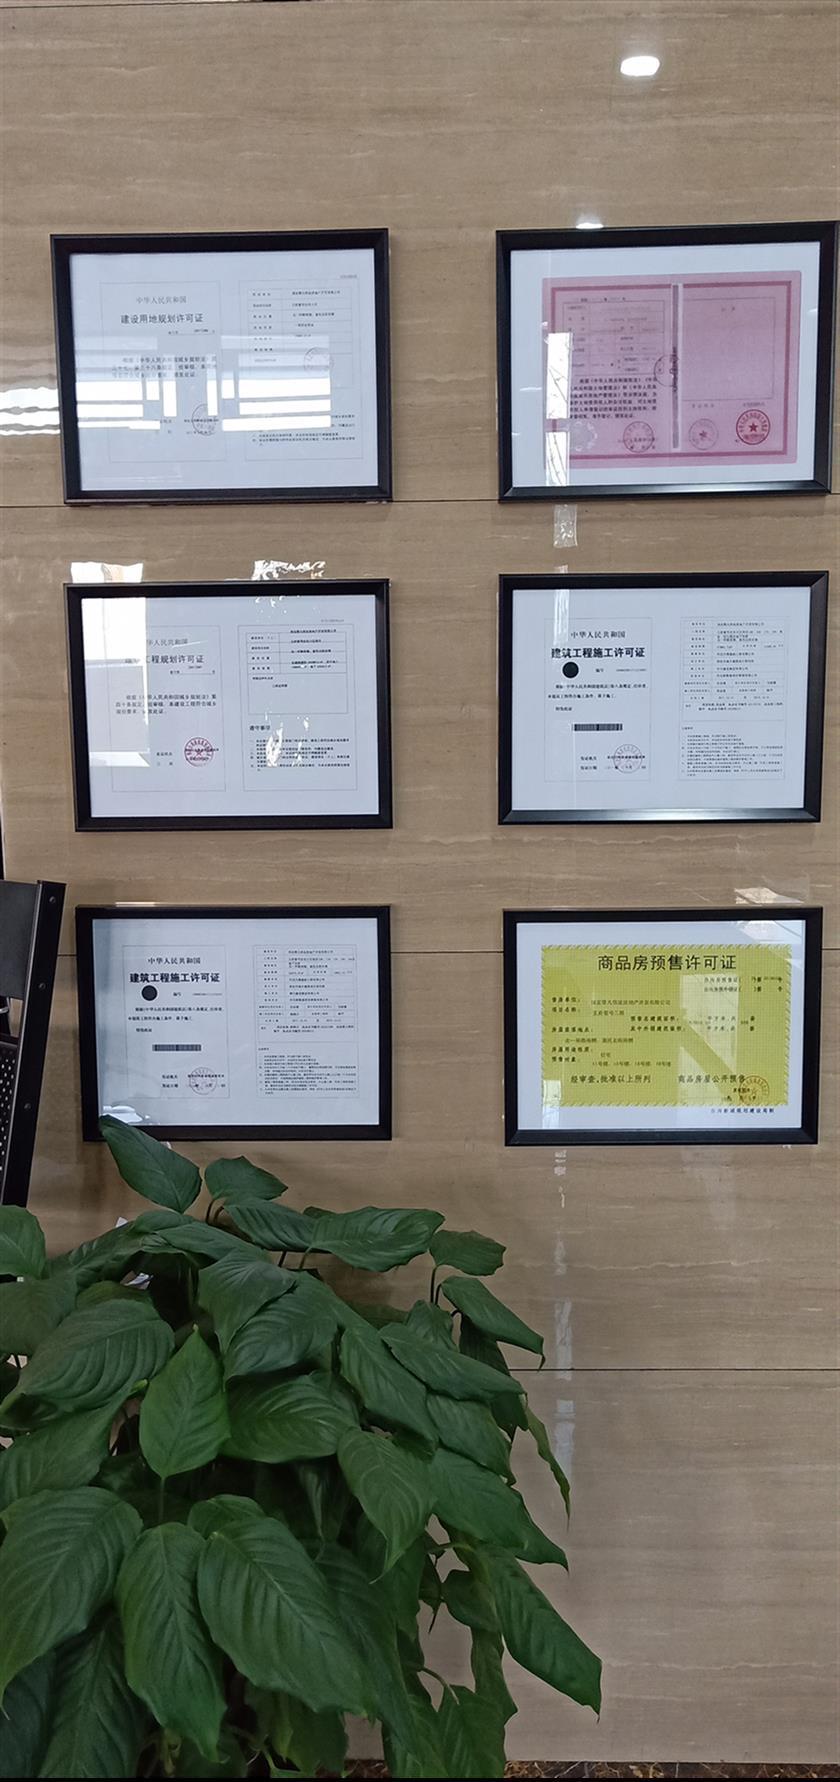 白/沟王府壹号售楼处电话